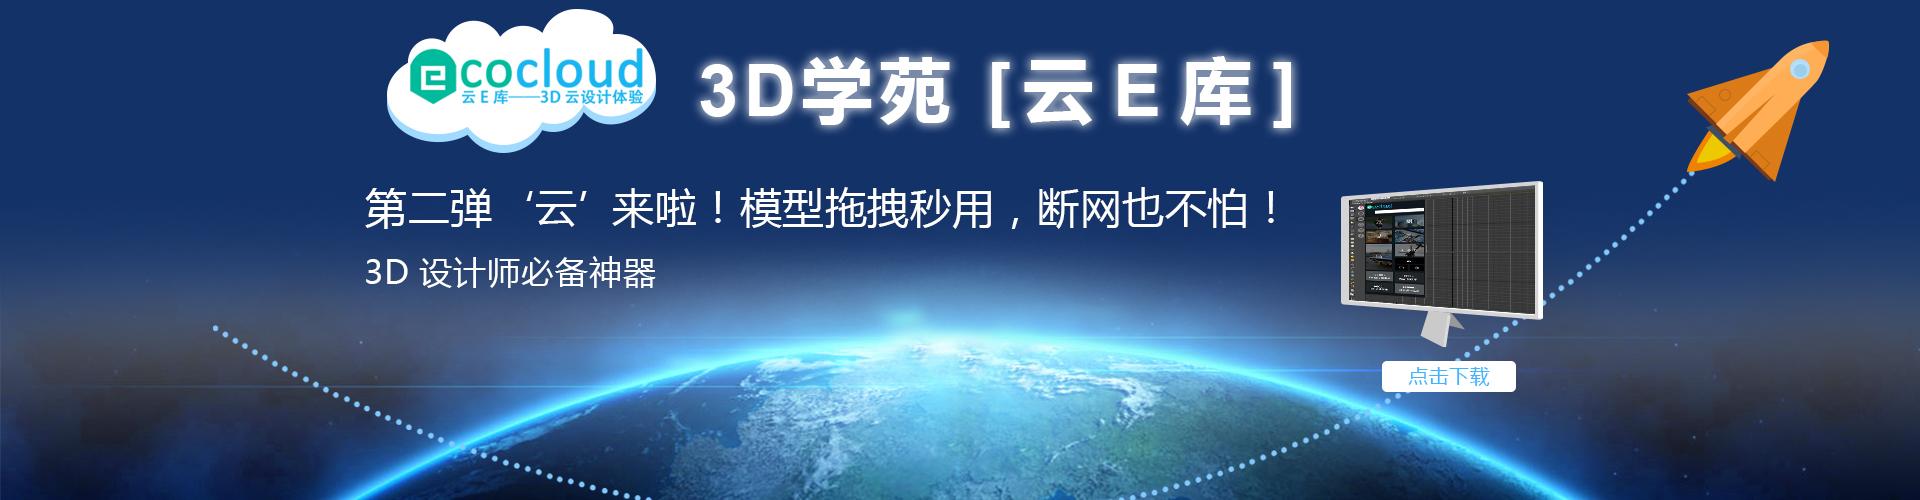 3D学苑云E库2.0上线啦!